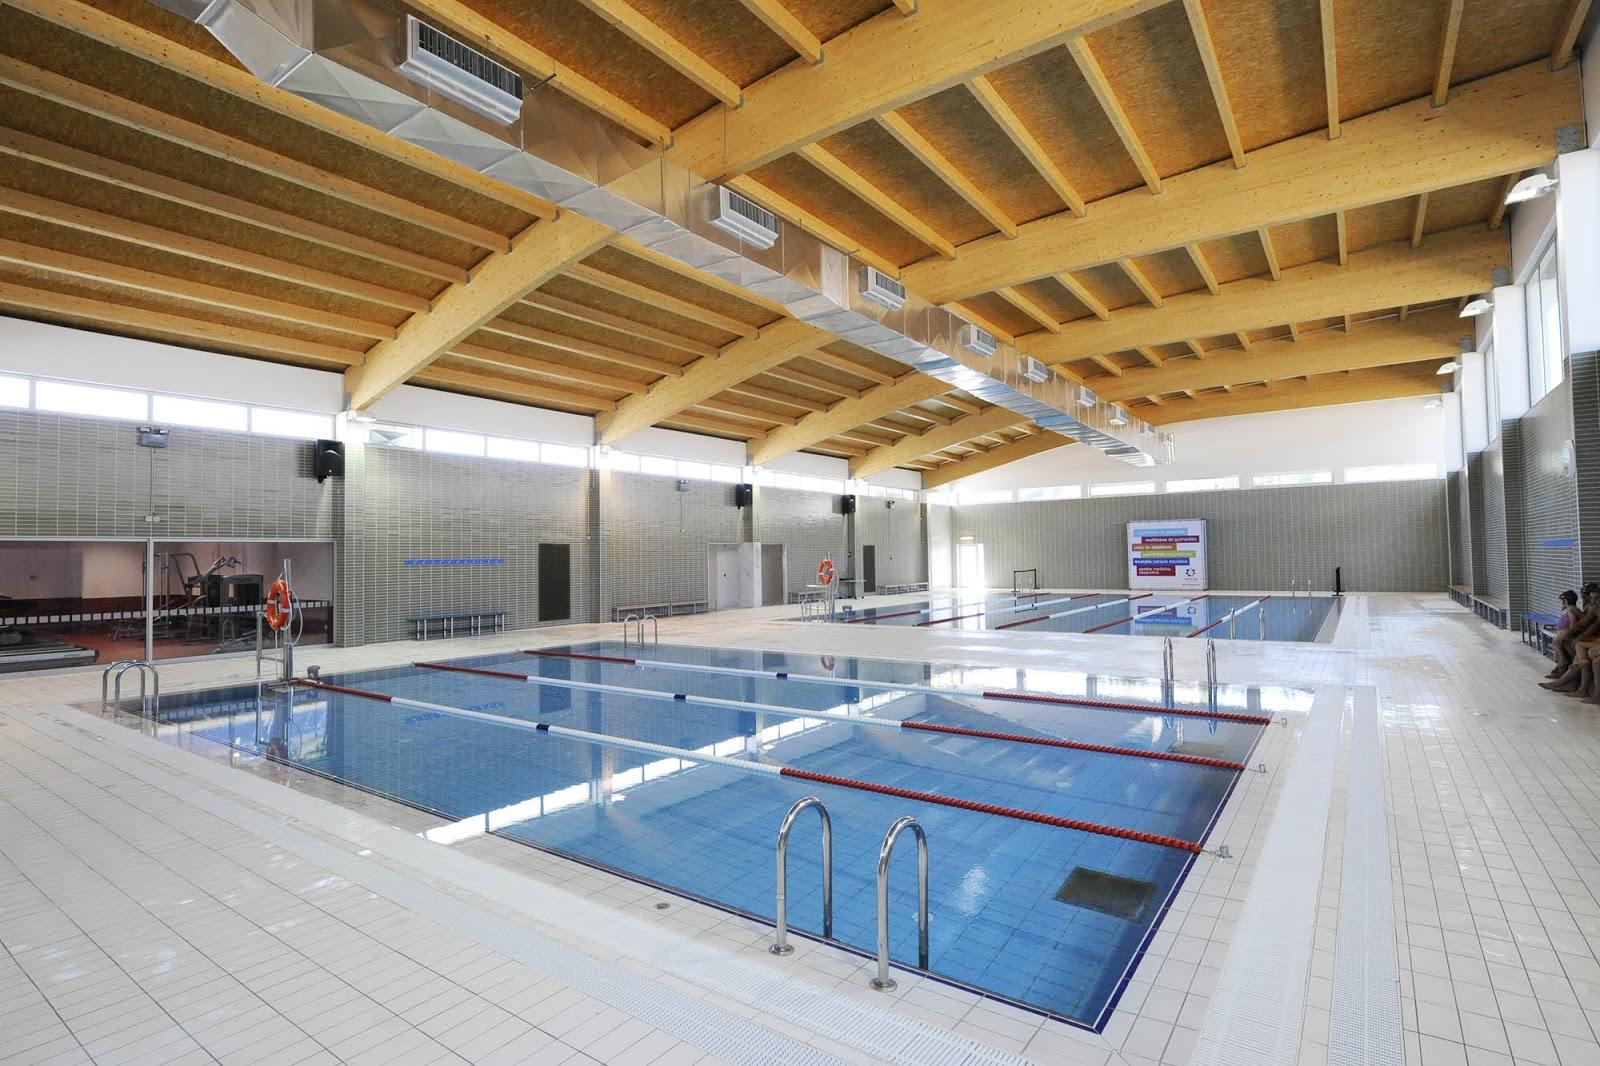 Plano claro pre o entrada na piscina moreira for Entrada piscina